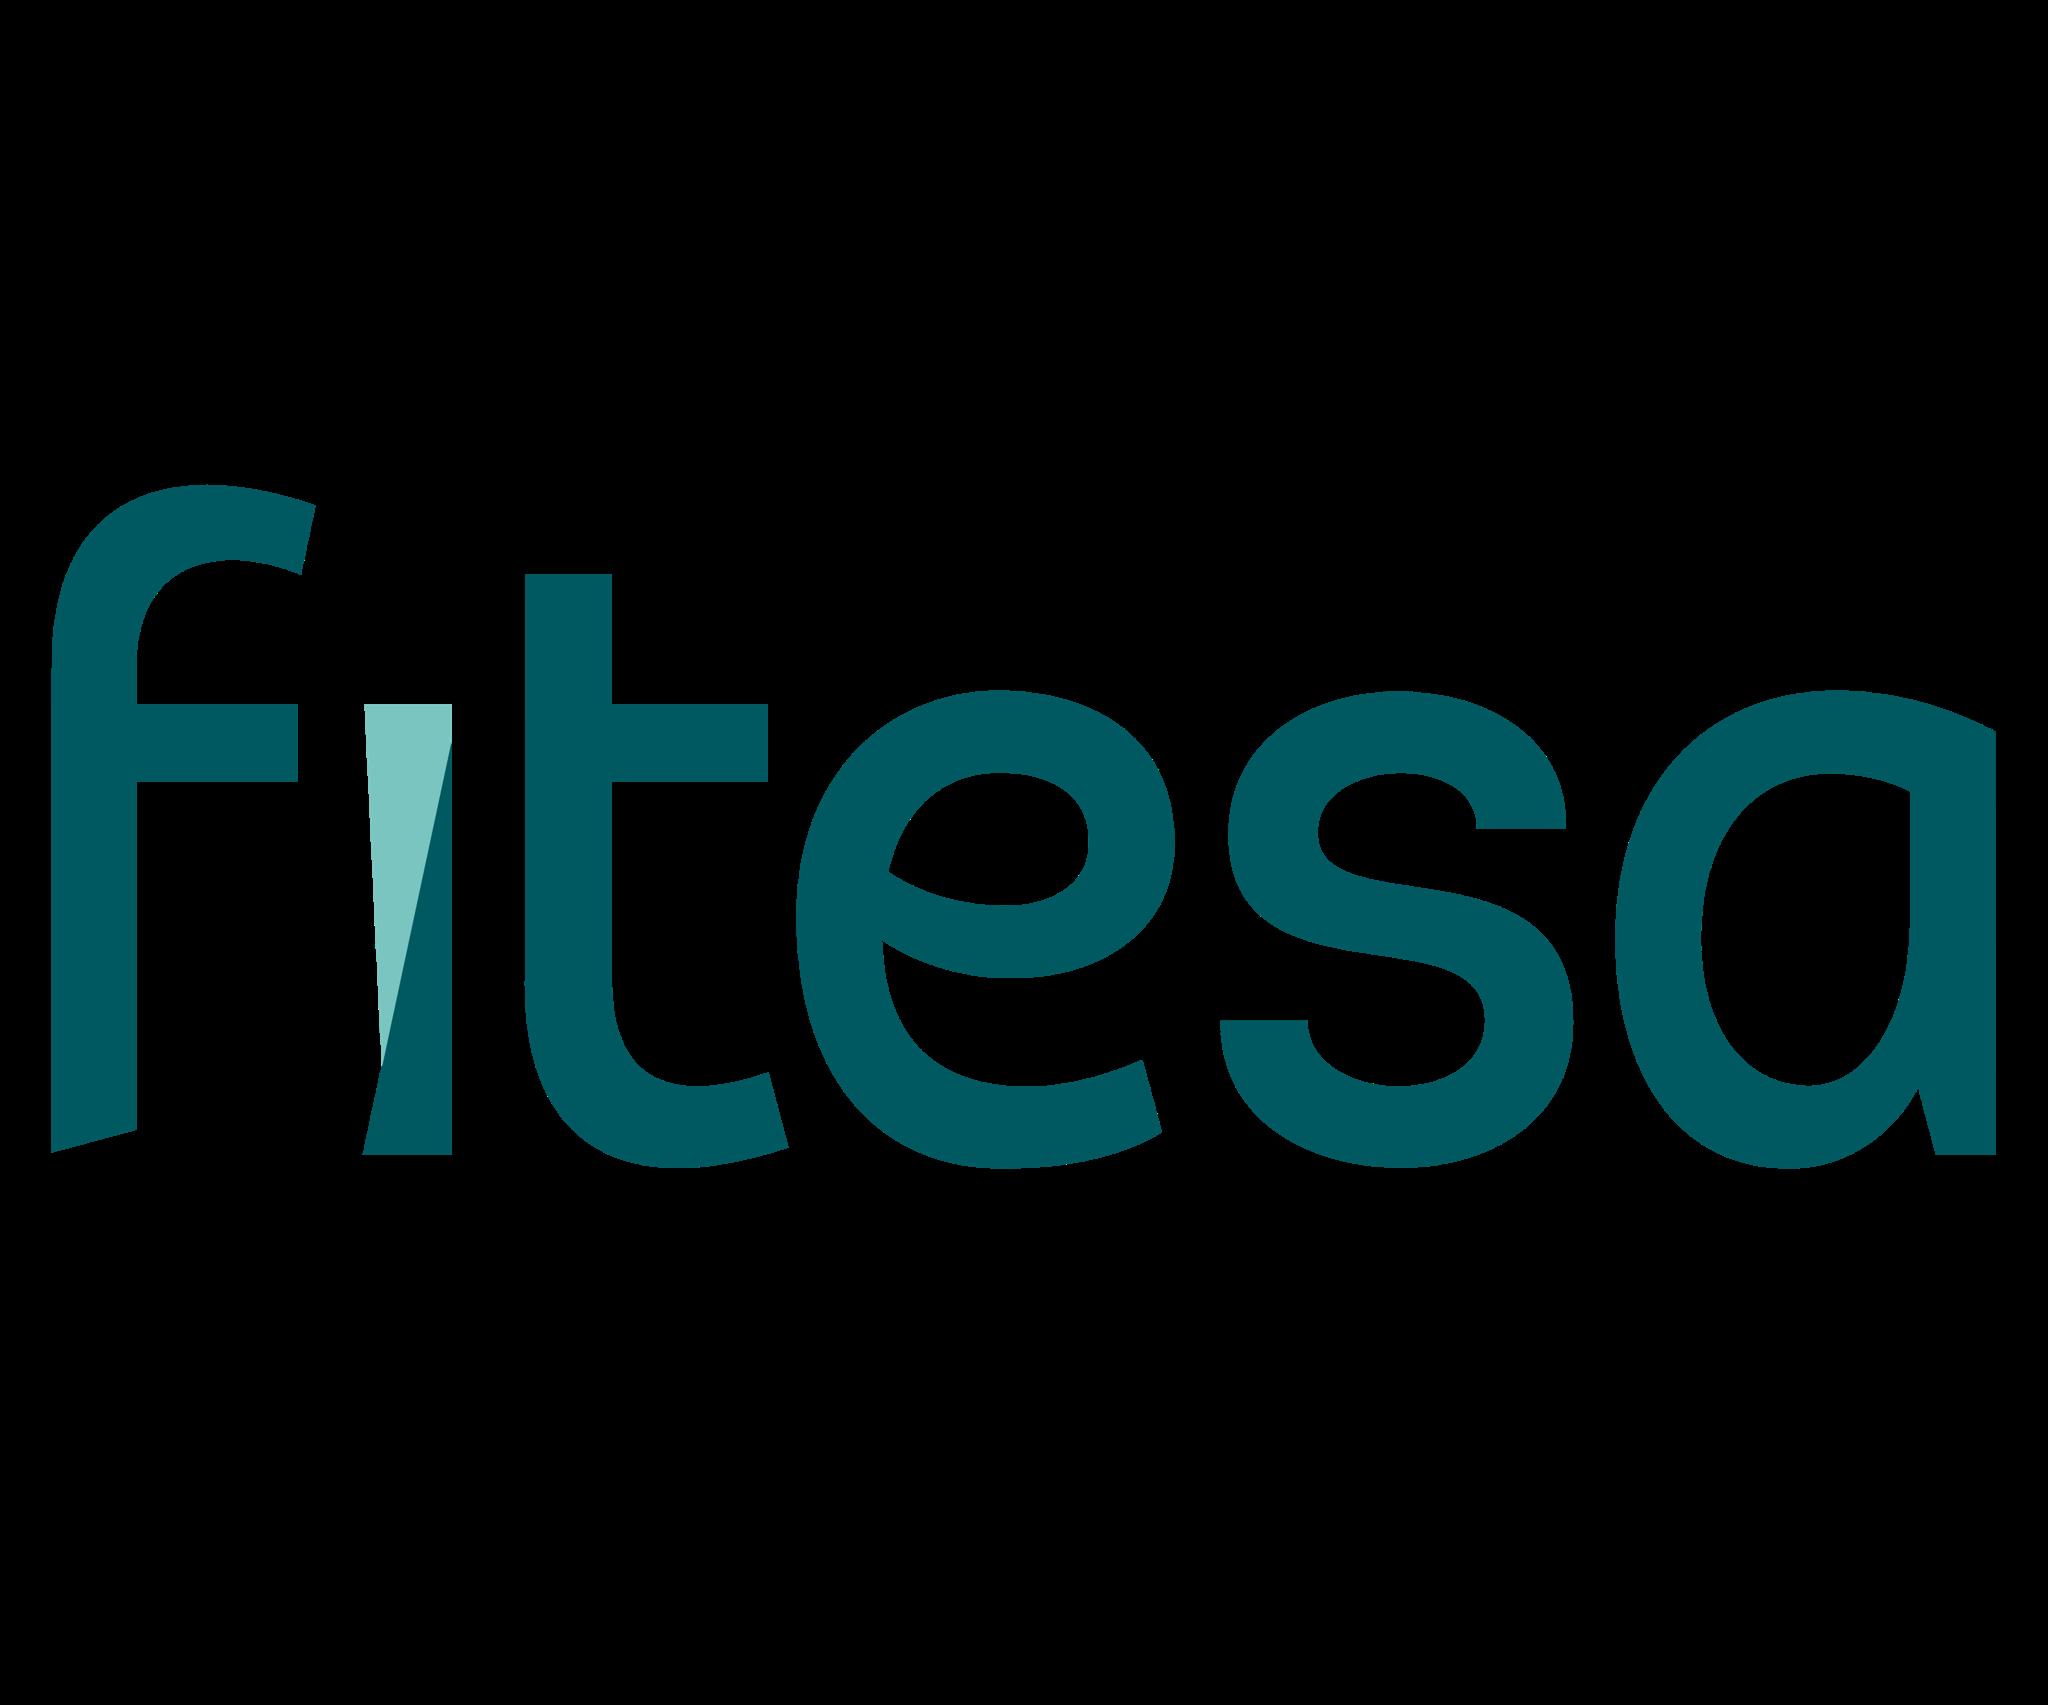 https://www.fitesa.com/